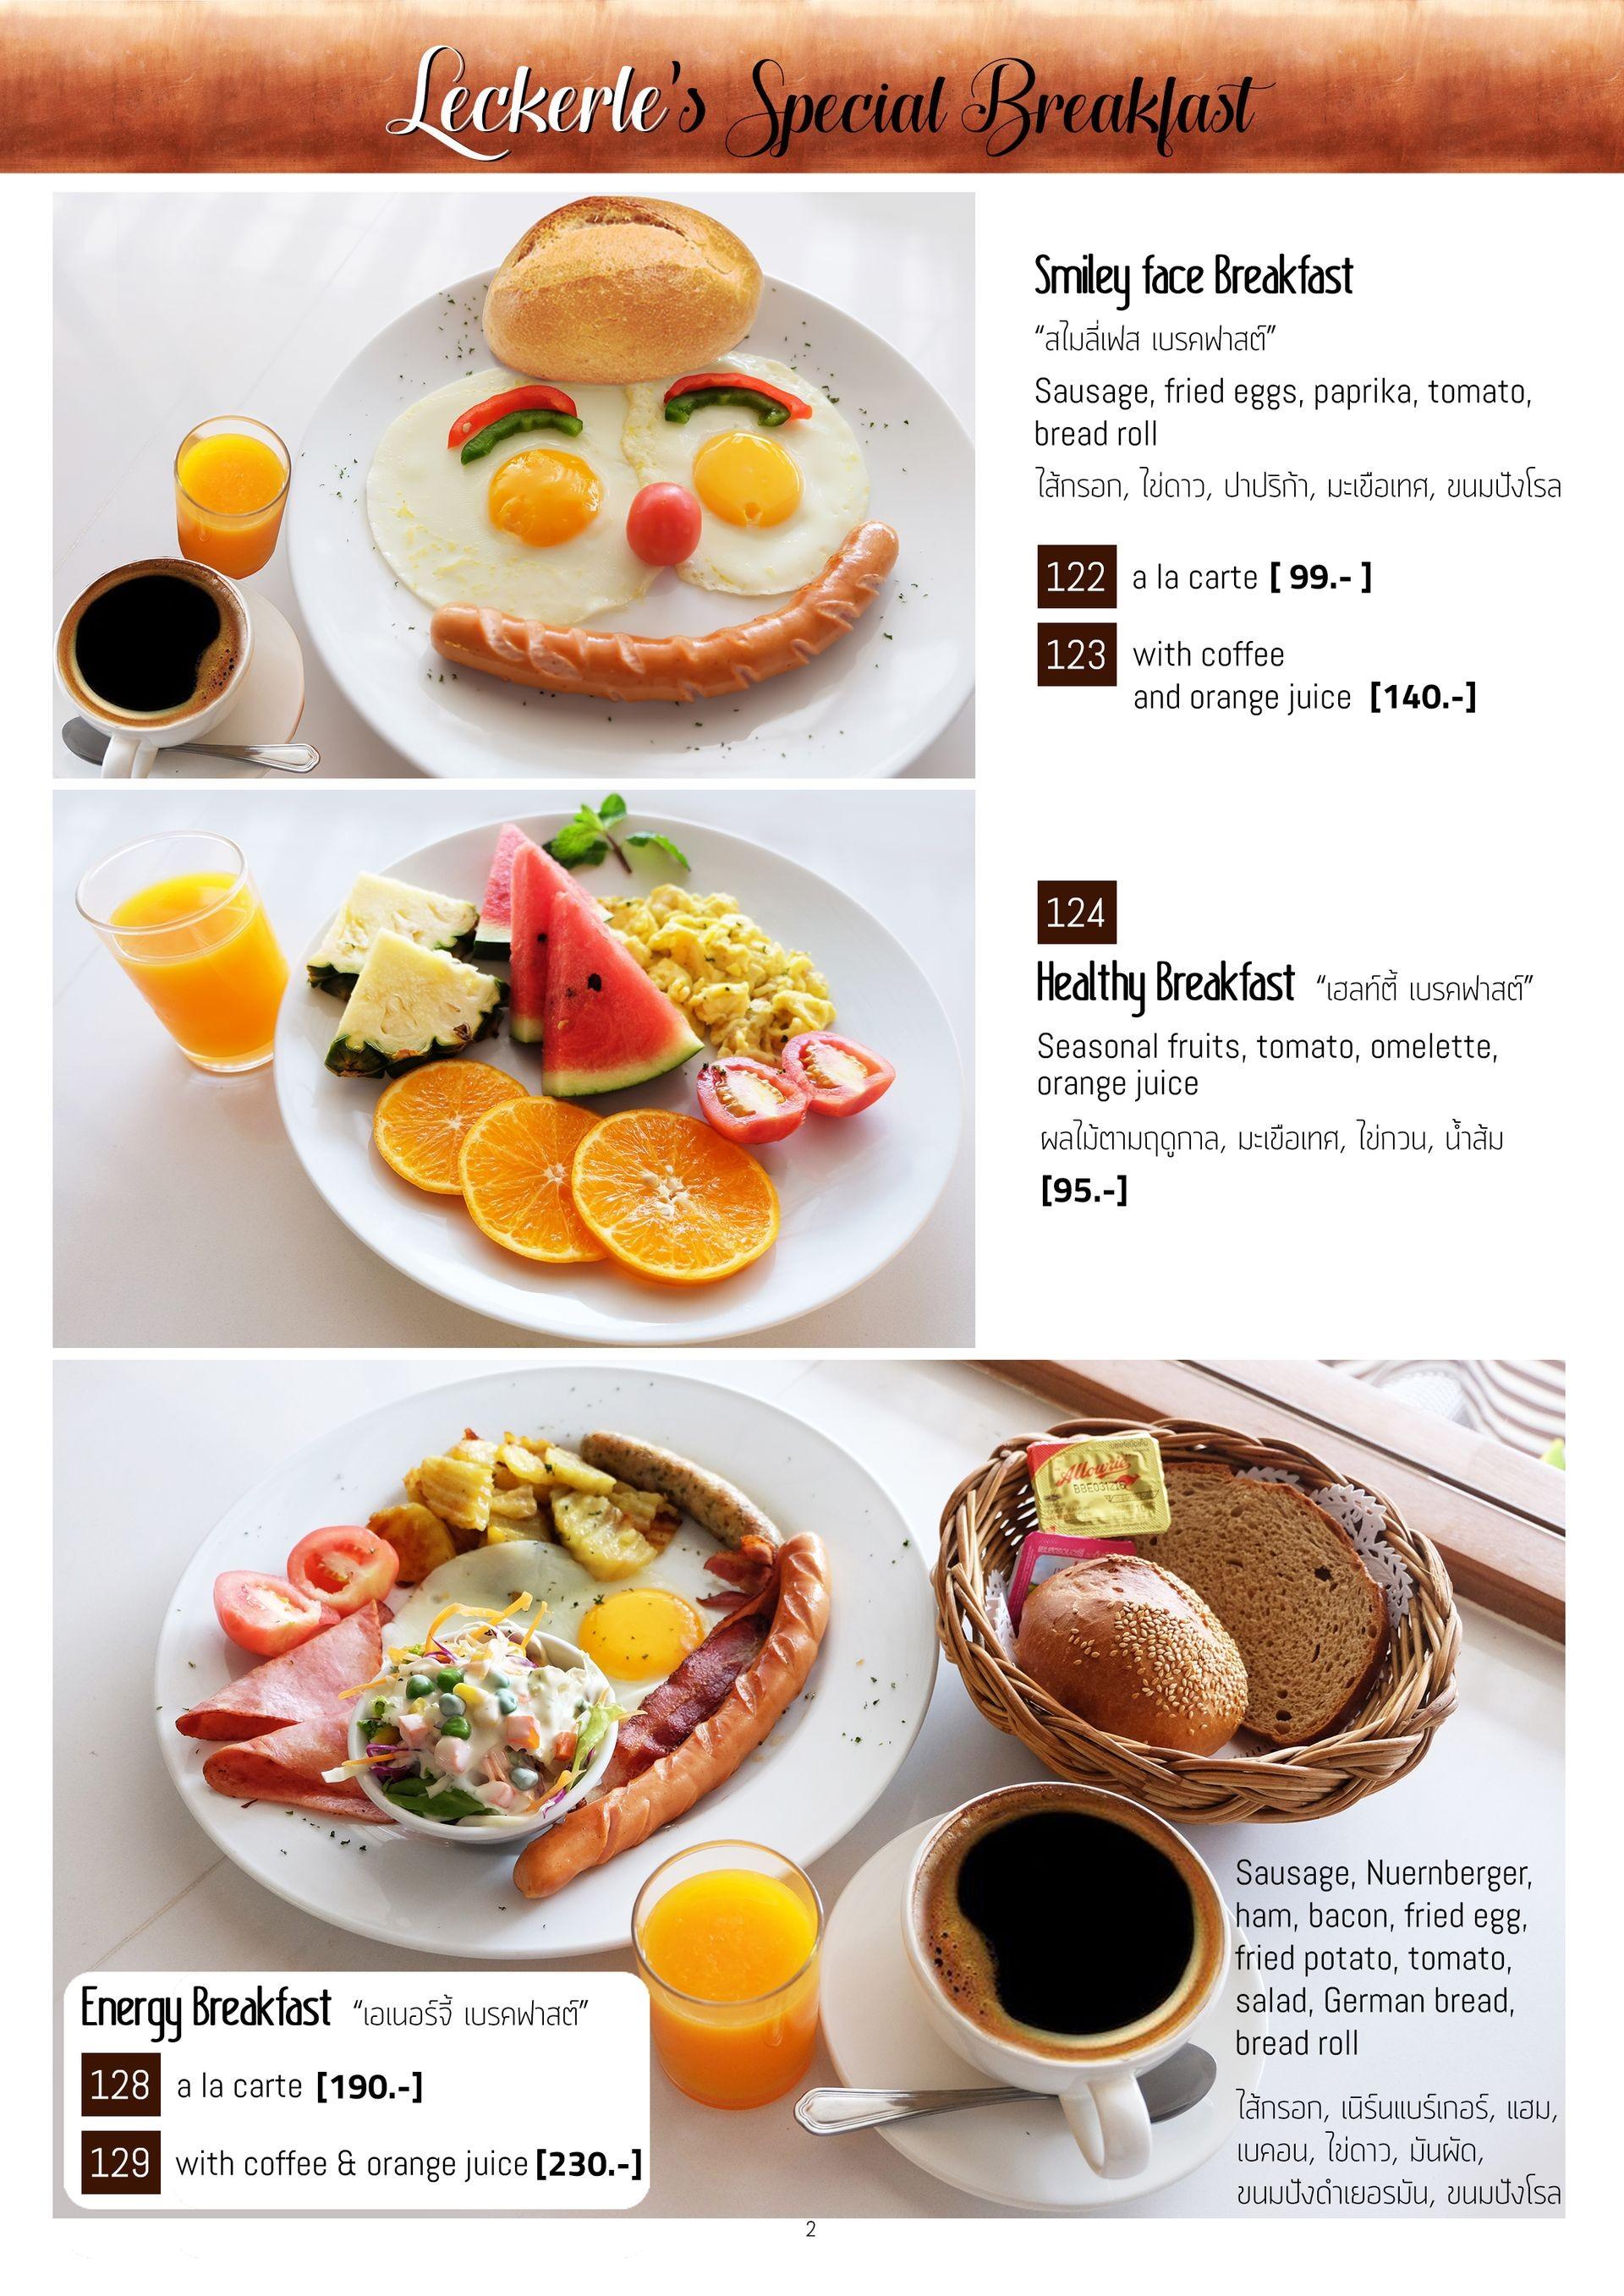 ป้ายราคาหรือสมุดเมนู • อาหารเช้า ที่ ร้านอาหาร Leckerle